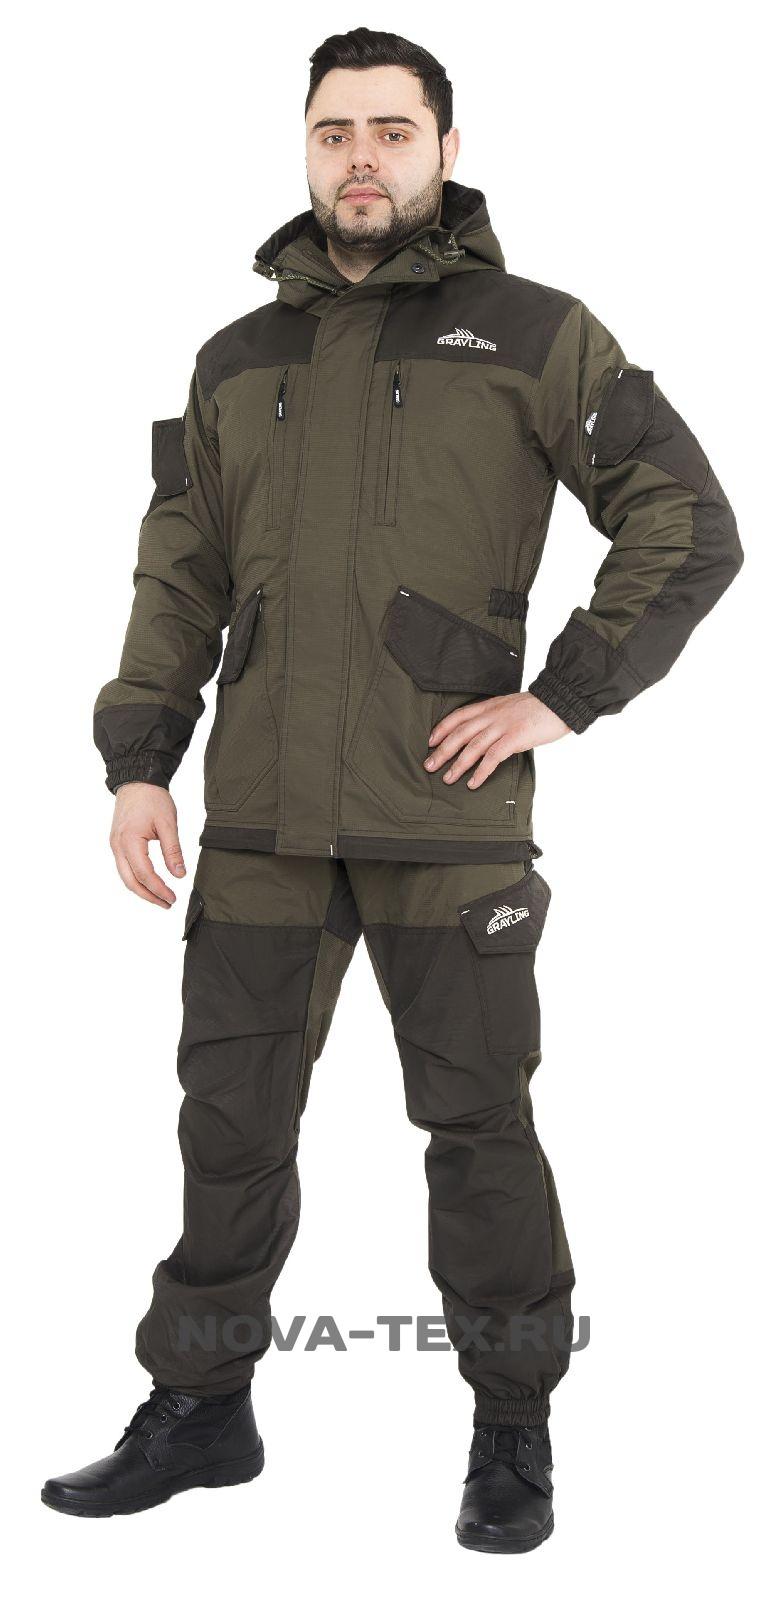 Костюм мужской Скат (100% нейлон, хаки), бренд: Костюмы неутепленные<br>Костюм «Скат» - универсальный костюм, потомок <br>знаменитой «Горки», относится к элитной <br>рыболовной экипировке коллекции ТМ «GRAYLING» <br>от компании NOVA-TEX/ Главный секрет костюма <br>«Скат» - это анатомический крой и современные <br>материалы. Основной упор сделан на удобство <br>и практичность. Состоит из удлиненной куртки <br>и полукомбинезона-трансформера с отстегивающимися <br>лямками. Это многофункциональный костюм, <br>для всех любителей активного отдыха. Особенности <br>модели: -анатомический крой -мембранная <br>ткань -водонепроницаемость 8000мм -паропроницаемость <br>5000мм -ветрозащитная ткань -влагозащитная <br>ткань -двойная ветрозащитная планка -двухзамковая <br>молния -капюшон регулируется по ширине <br>-отделка тканью-мембраной -усиление по плечам <br>-усиление на коленях -усиление на локтях <br>-усиление по низу брюк -утяжки в области <br>коленей -утяжки в области локтей регулируемые <br>подтяжки.<br><br>Пол: мужской<br>Сезон: лето<br>Материал: мембрана